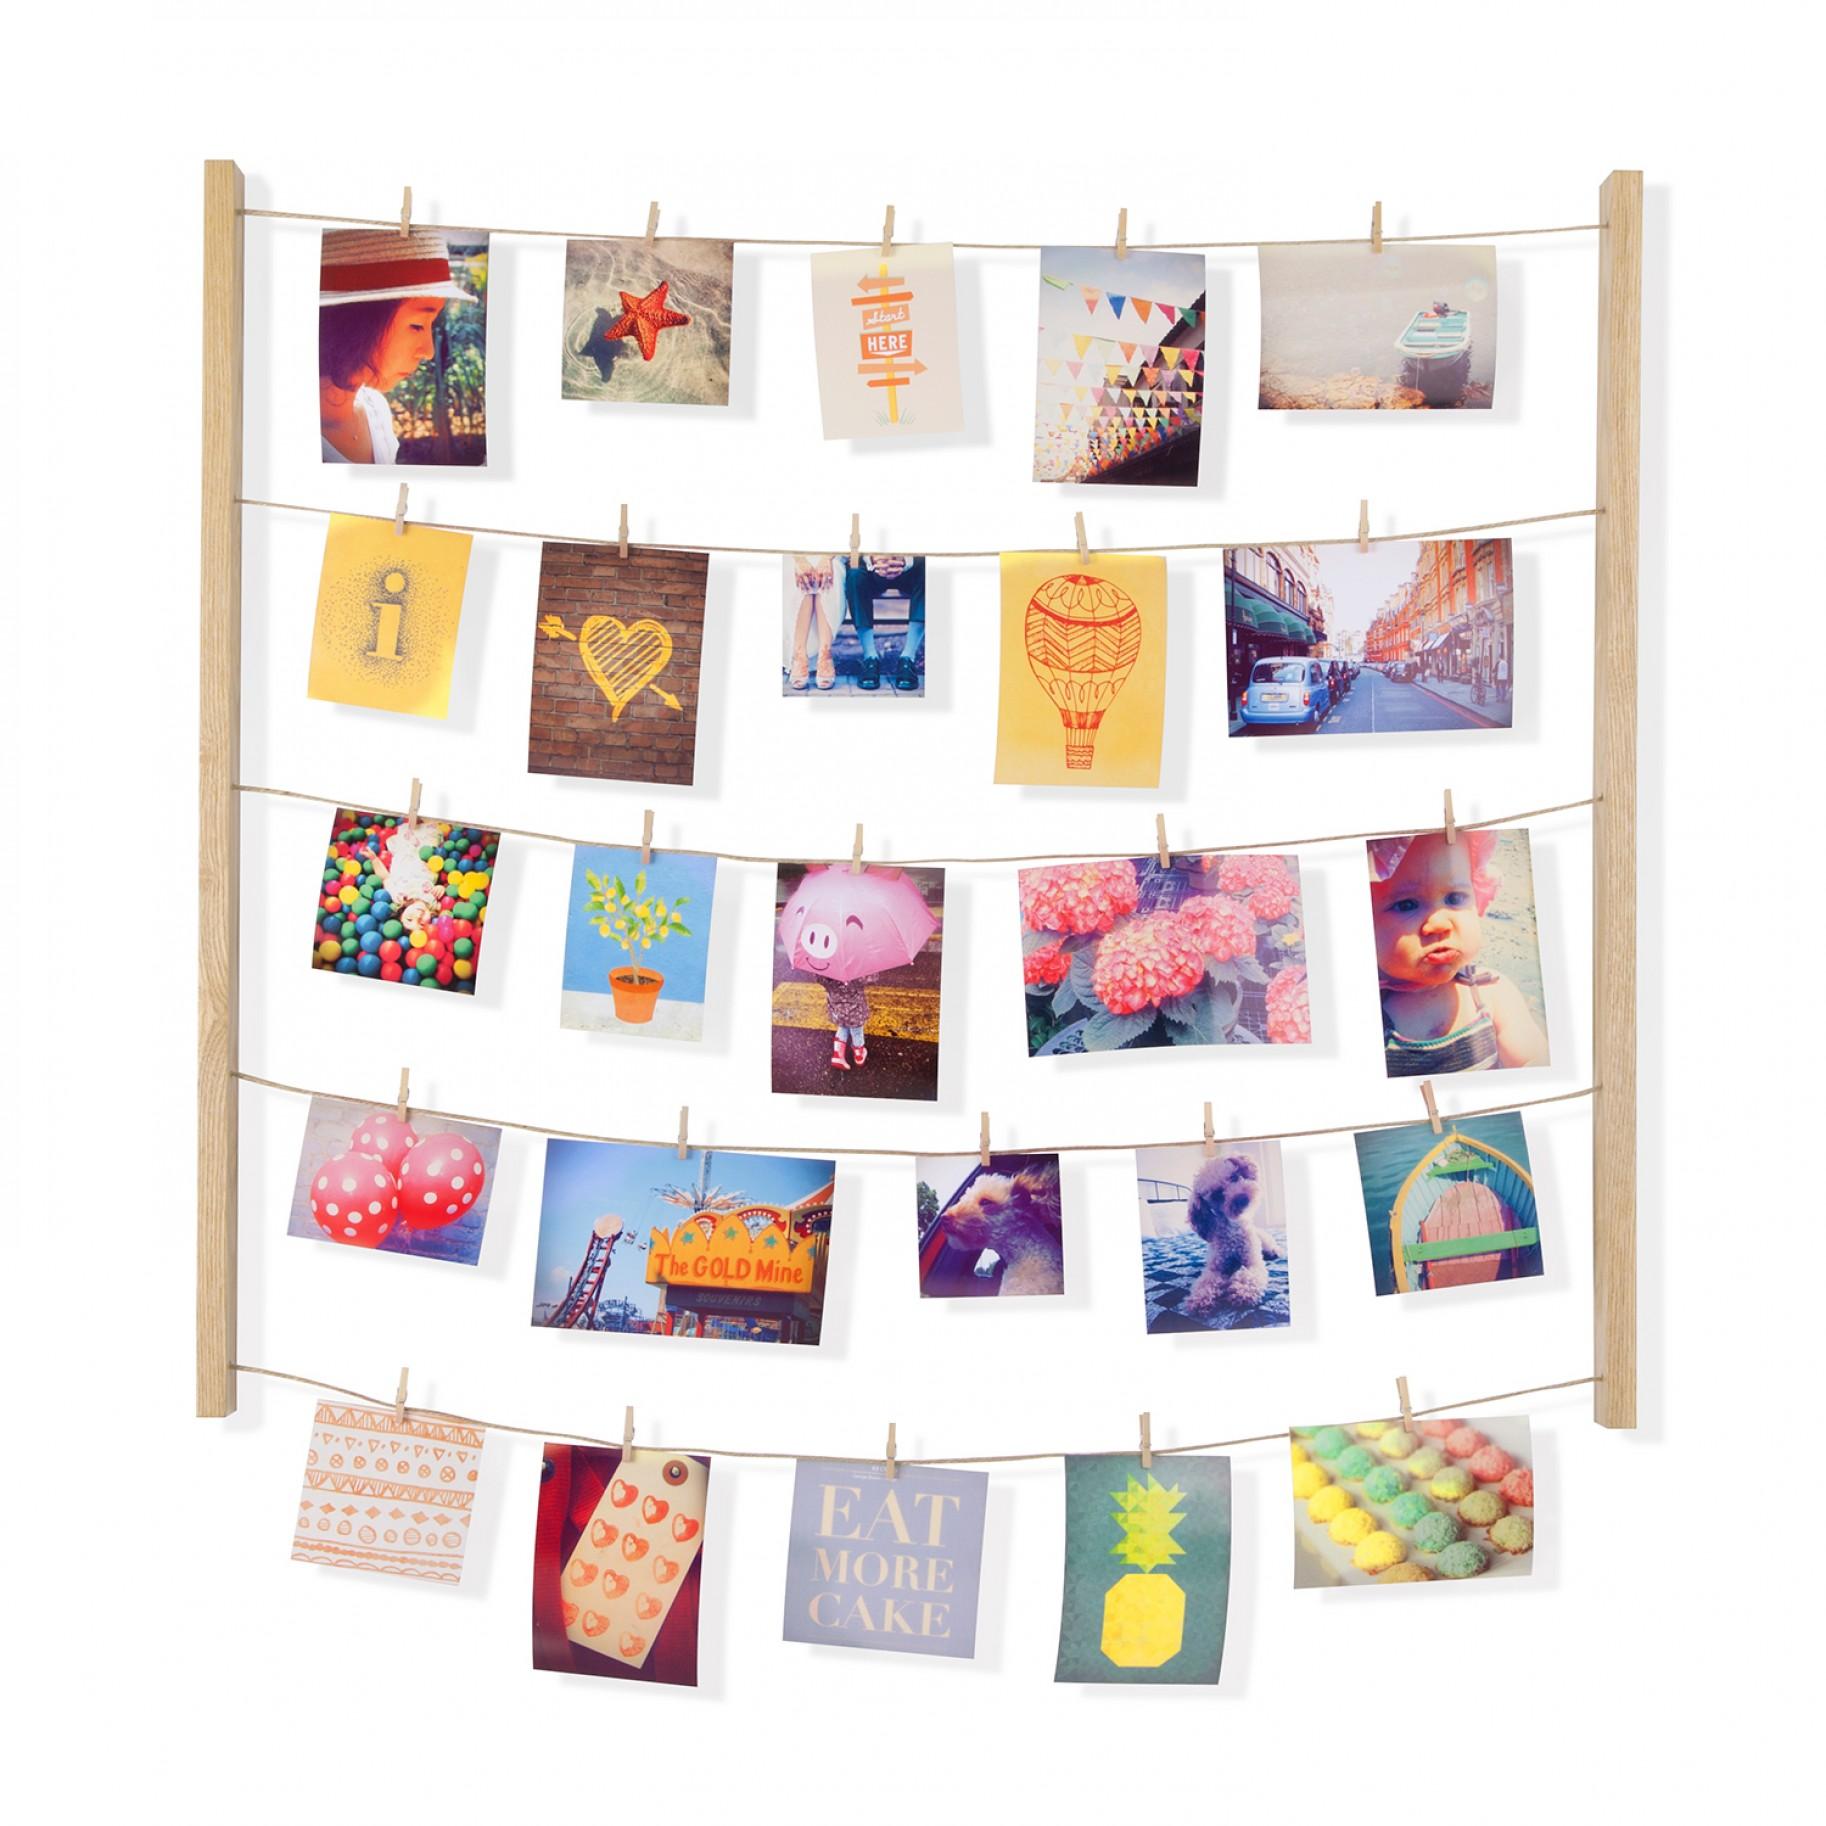 dorm-decor-hangit-photo-display